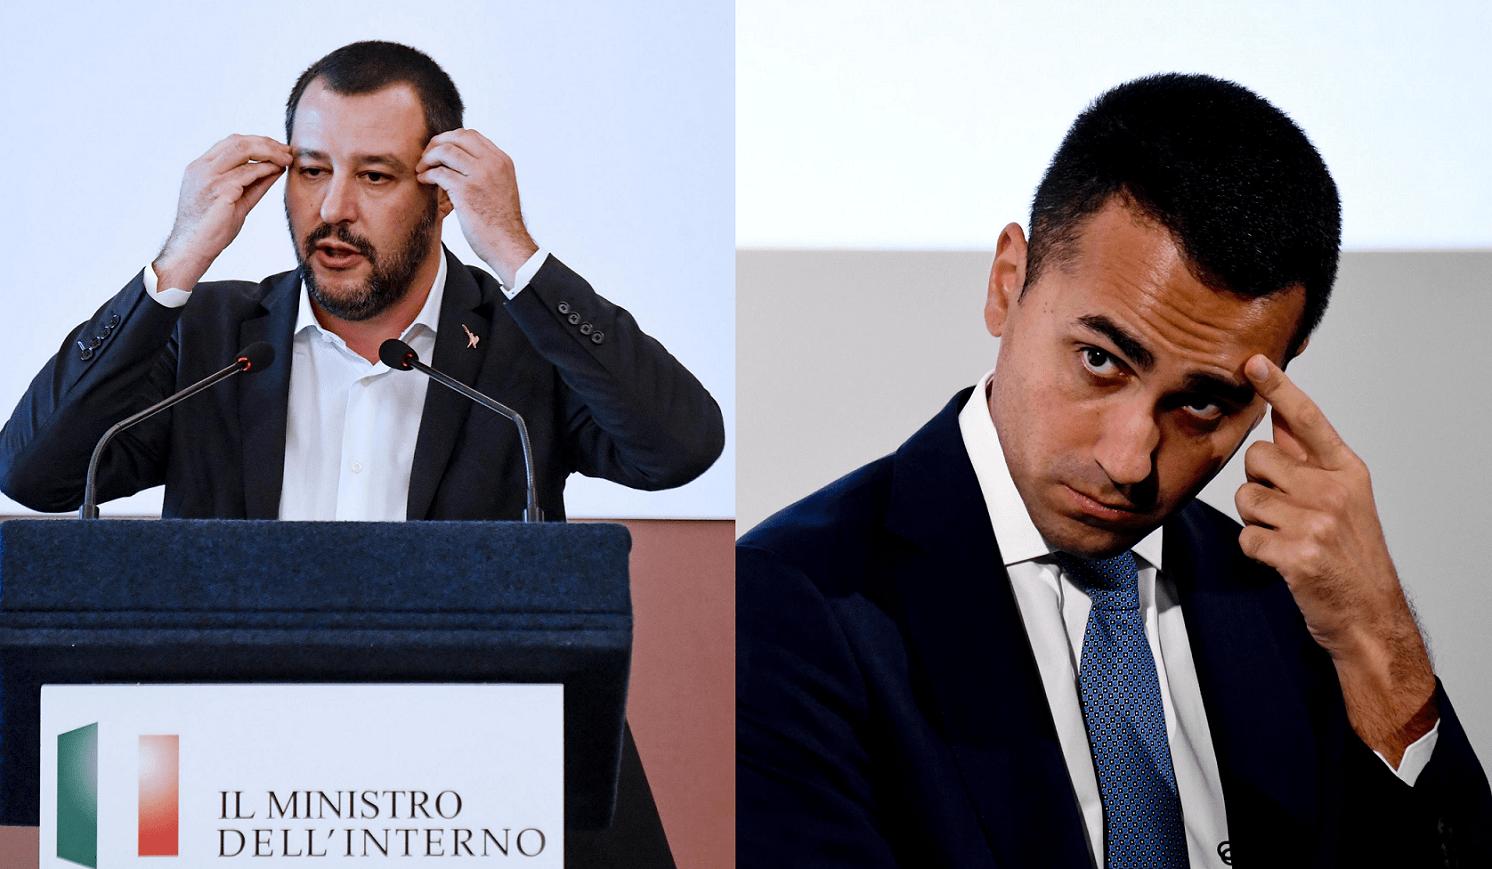 'Gli inceneritori non c'entrano una beneamata ceppa', scontro Di Maio-Salvini sui rifiuti in Campania